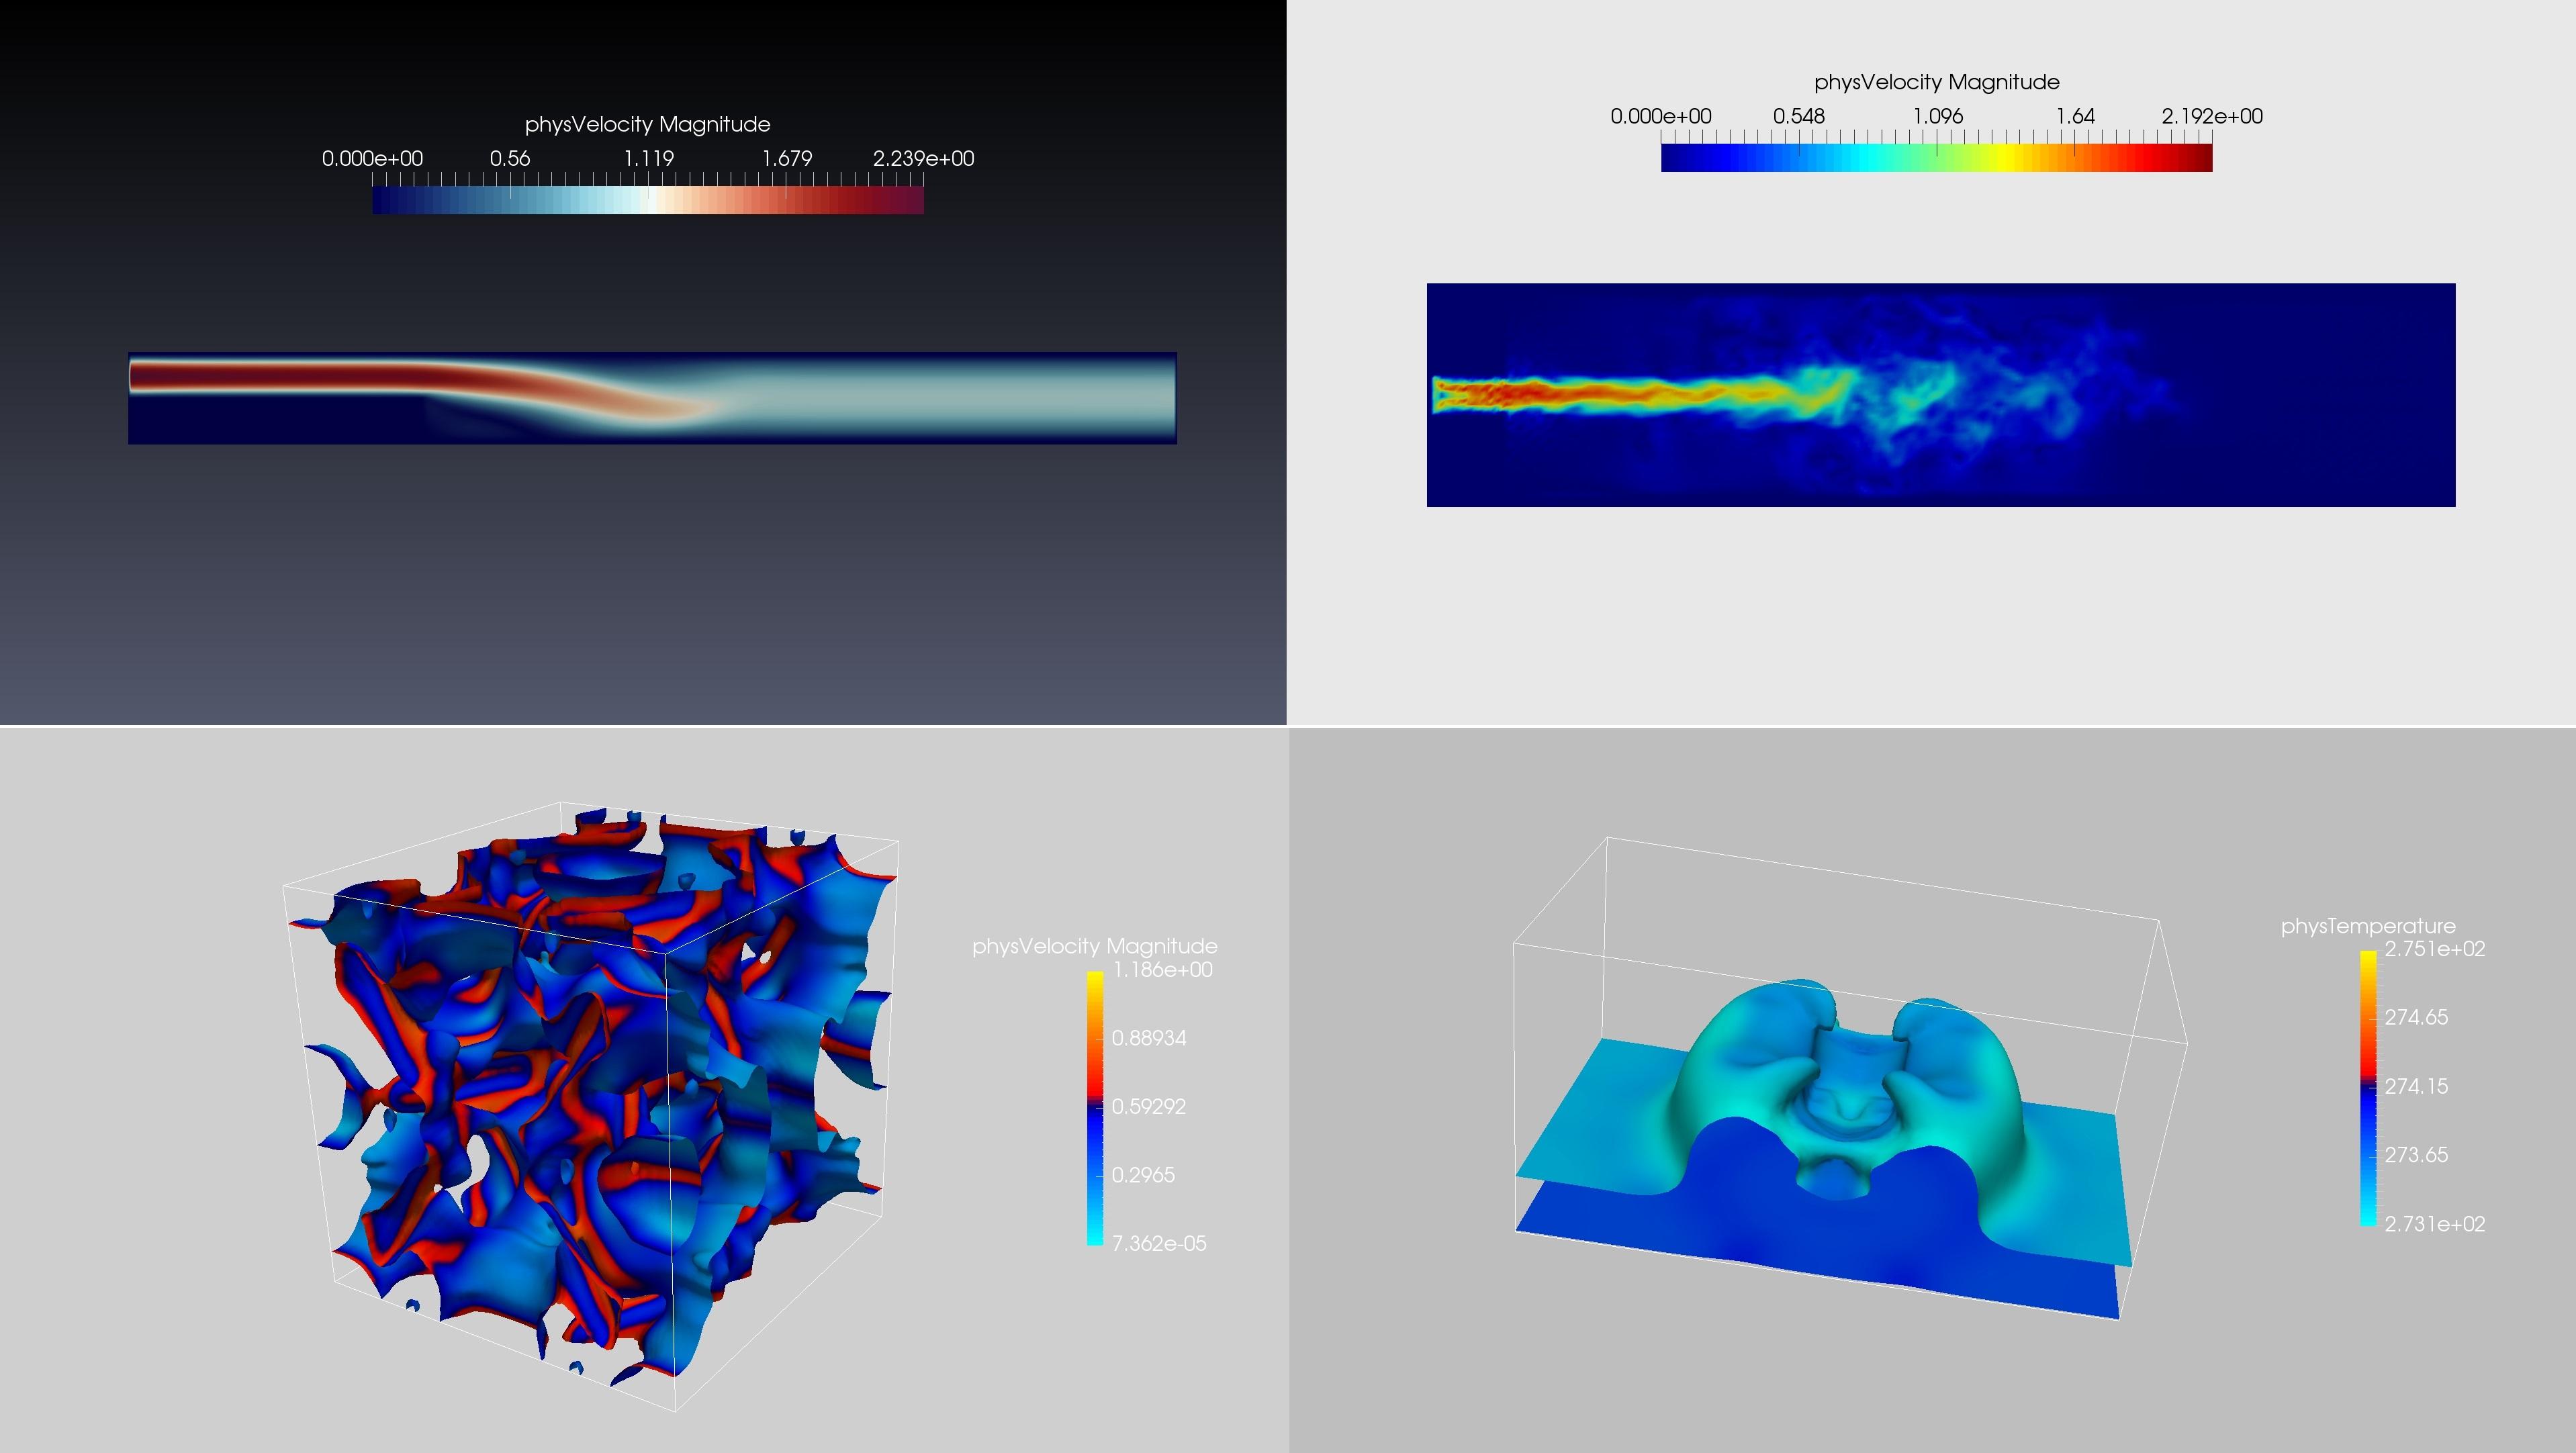 格子玻尔兹曼方法在流动传质方向的应用